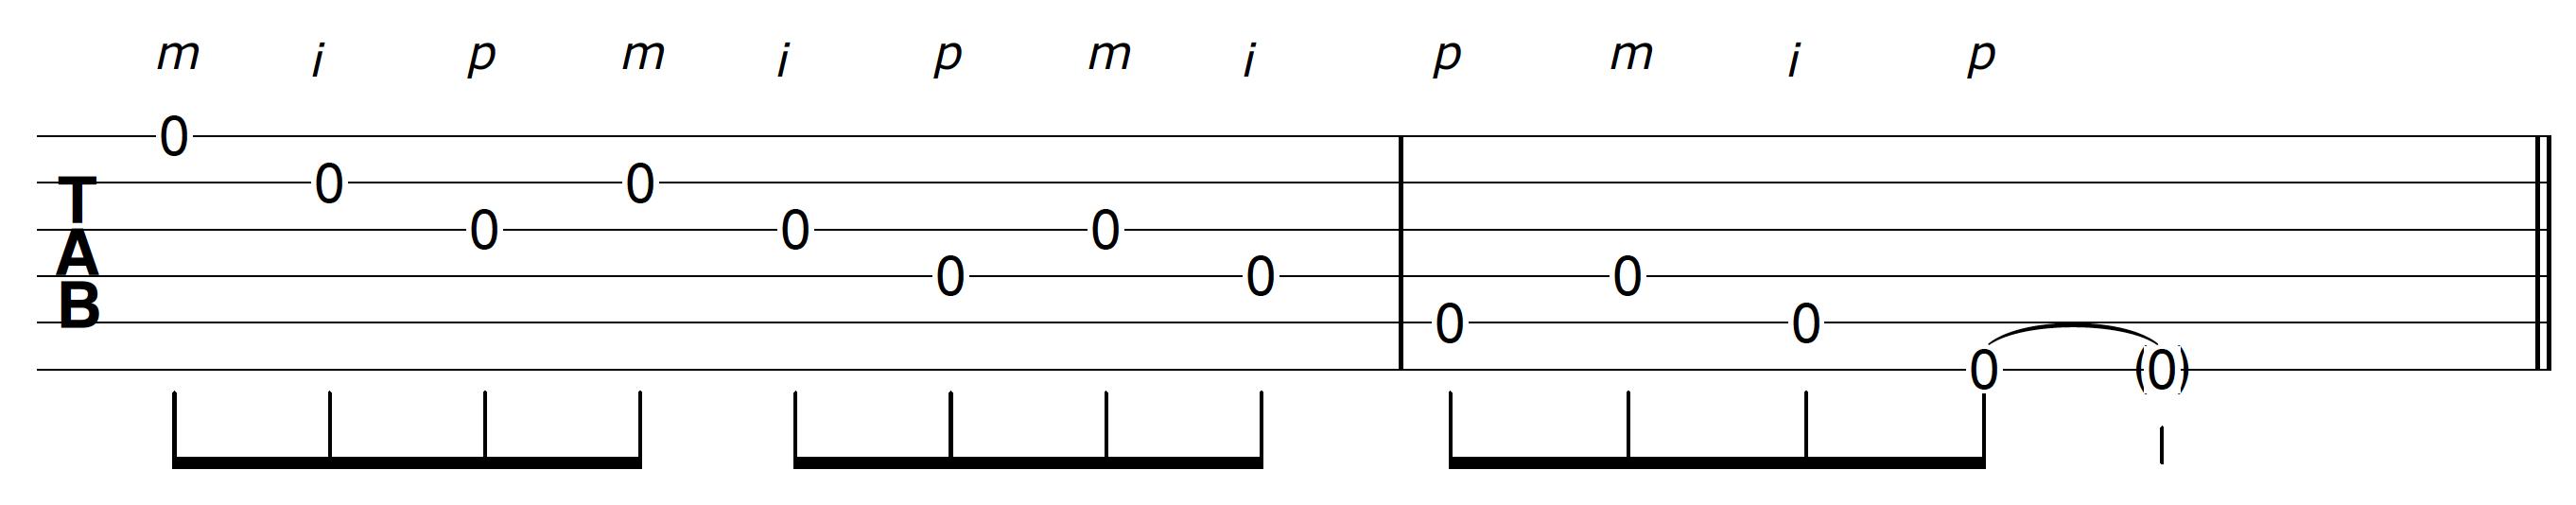 Open String Guitar Solo Riff Backward Banjo Roll 6 Strings